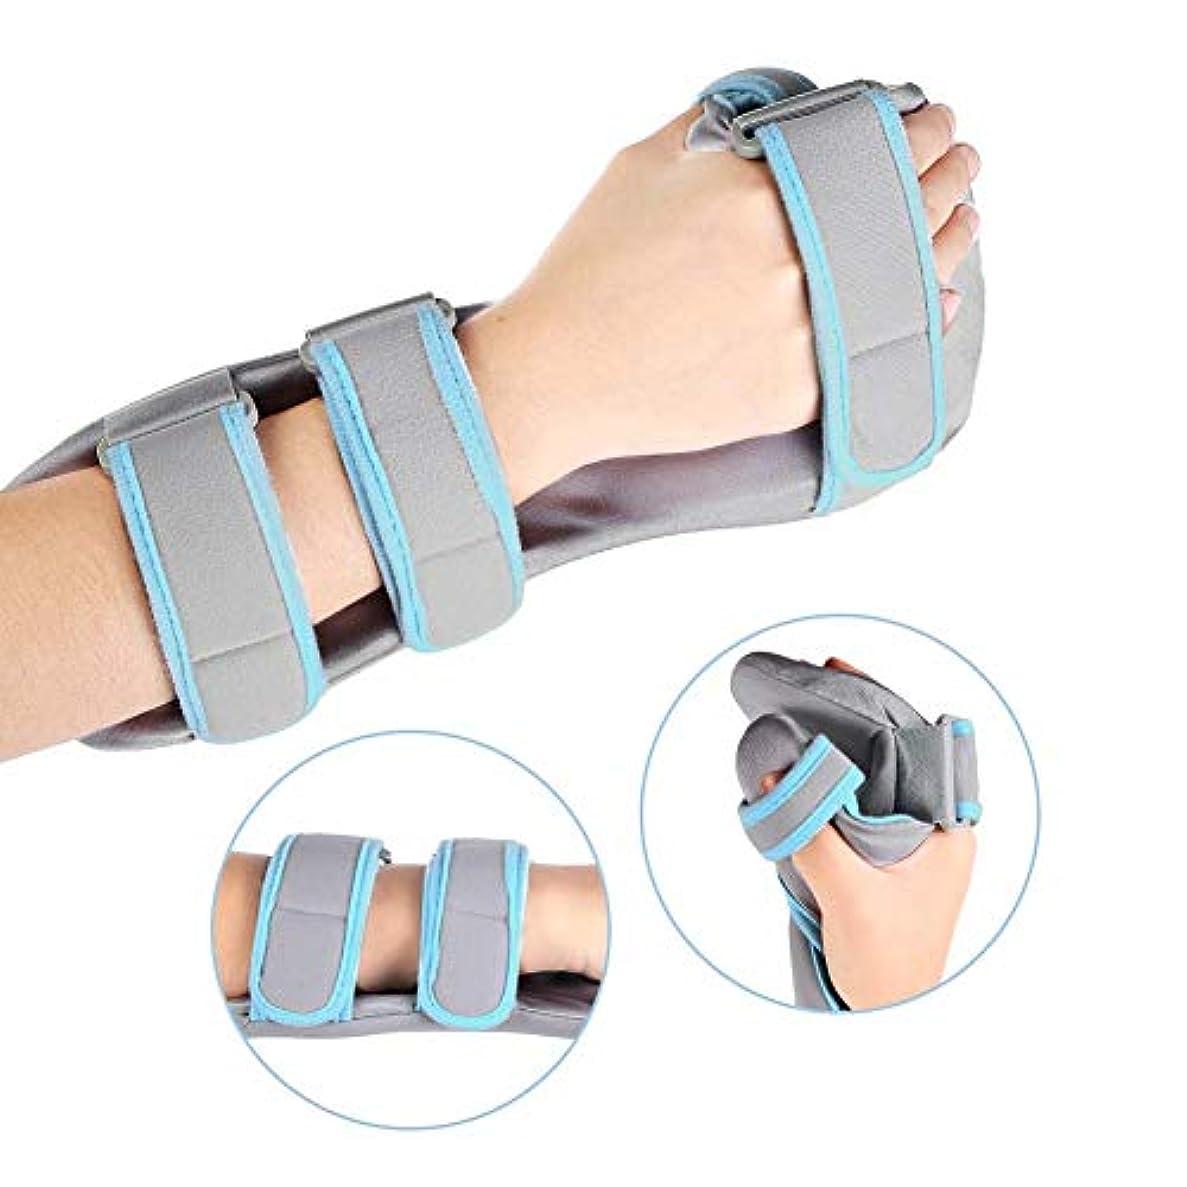 丁寧ワゴン乏しい手首のサポート、手根管、骨折、捻rain、関節痛の軽減のための調節可能な通気性の手のサポート,Right,S